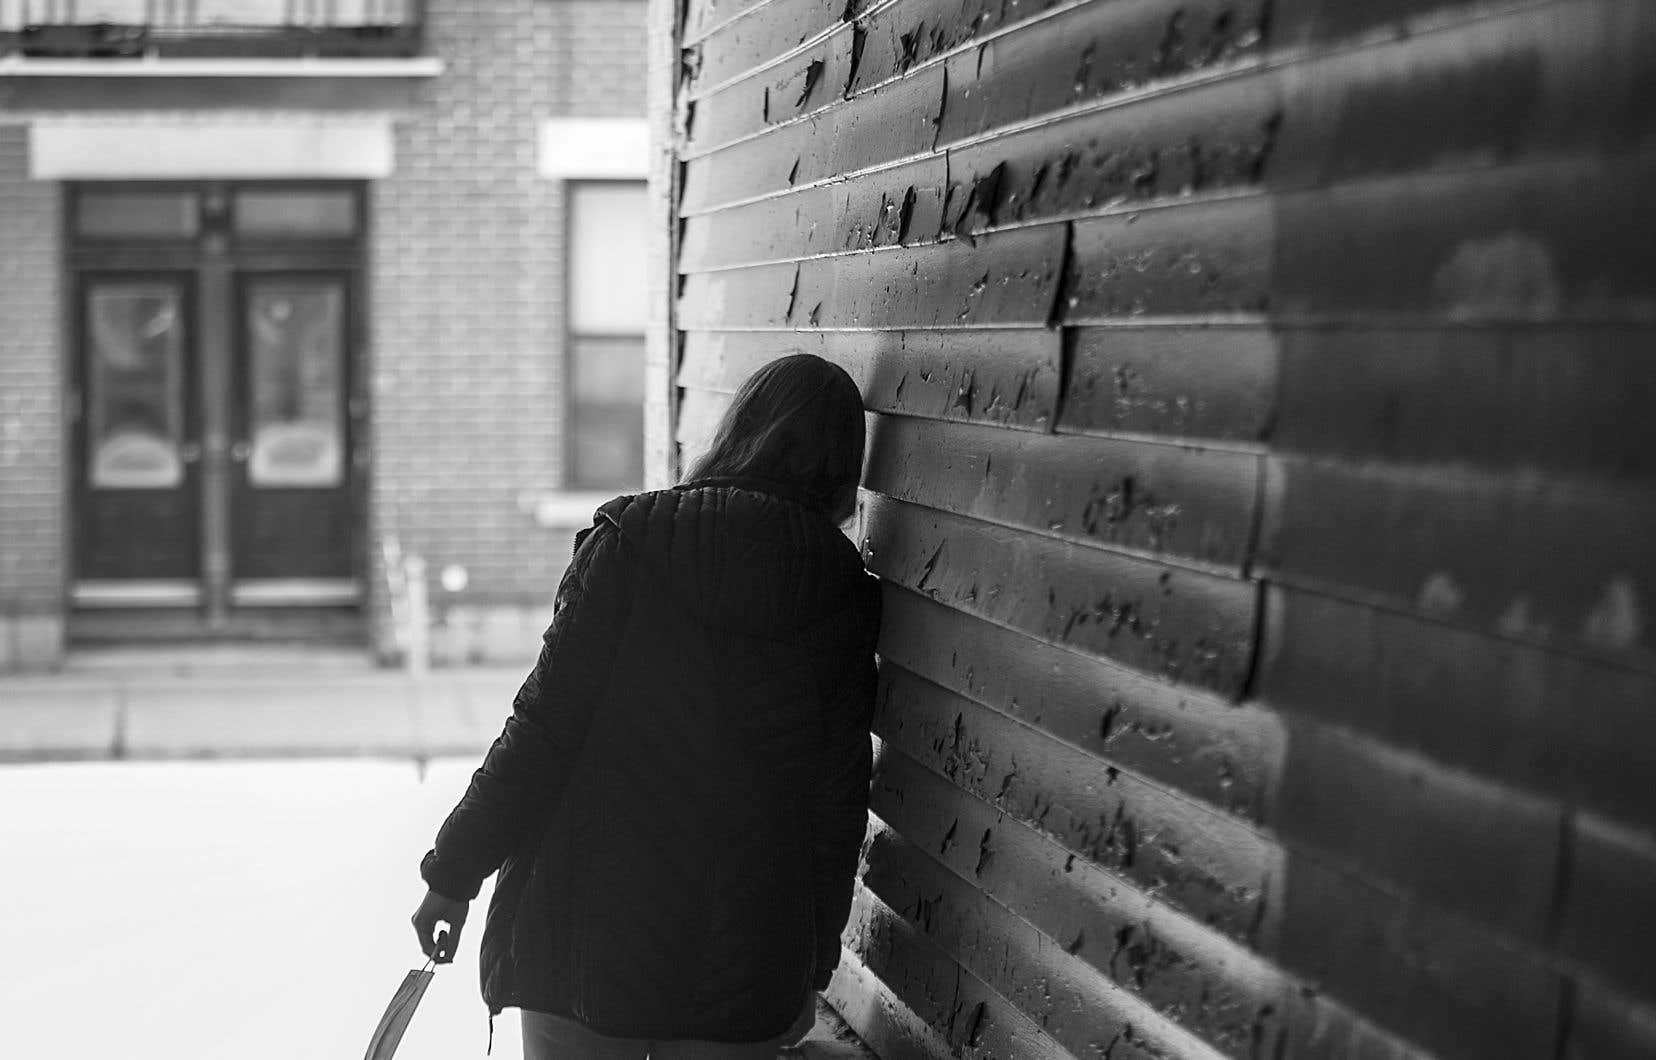 Un Canadien sur dix a eu des pensées suicidaires cet automne.